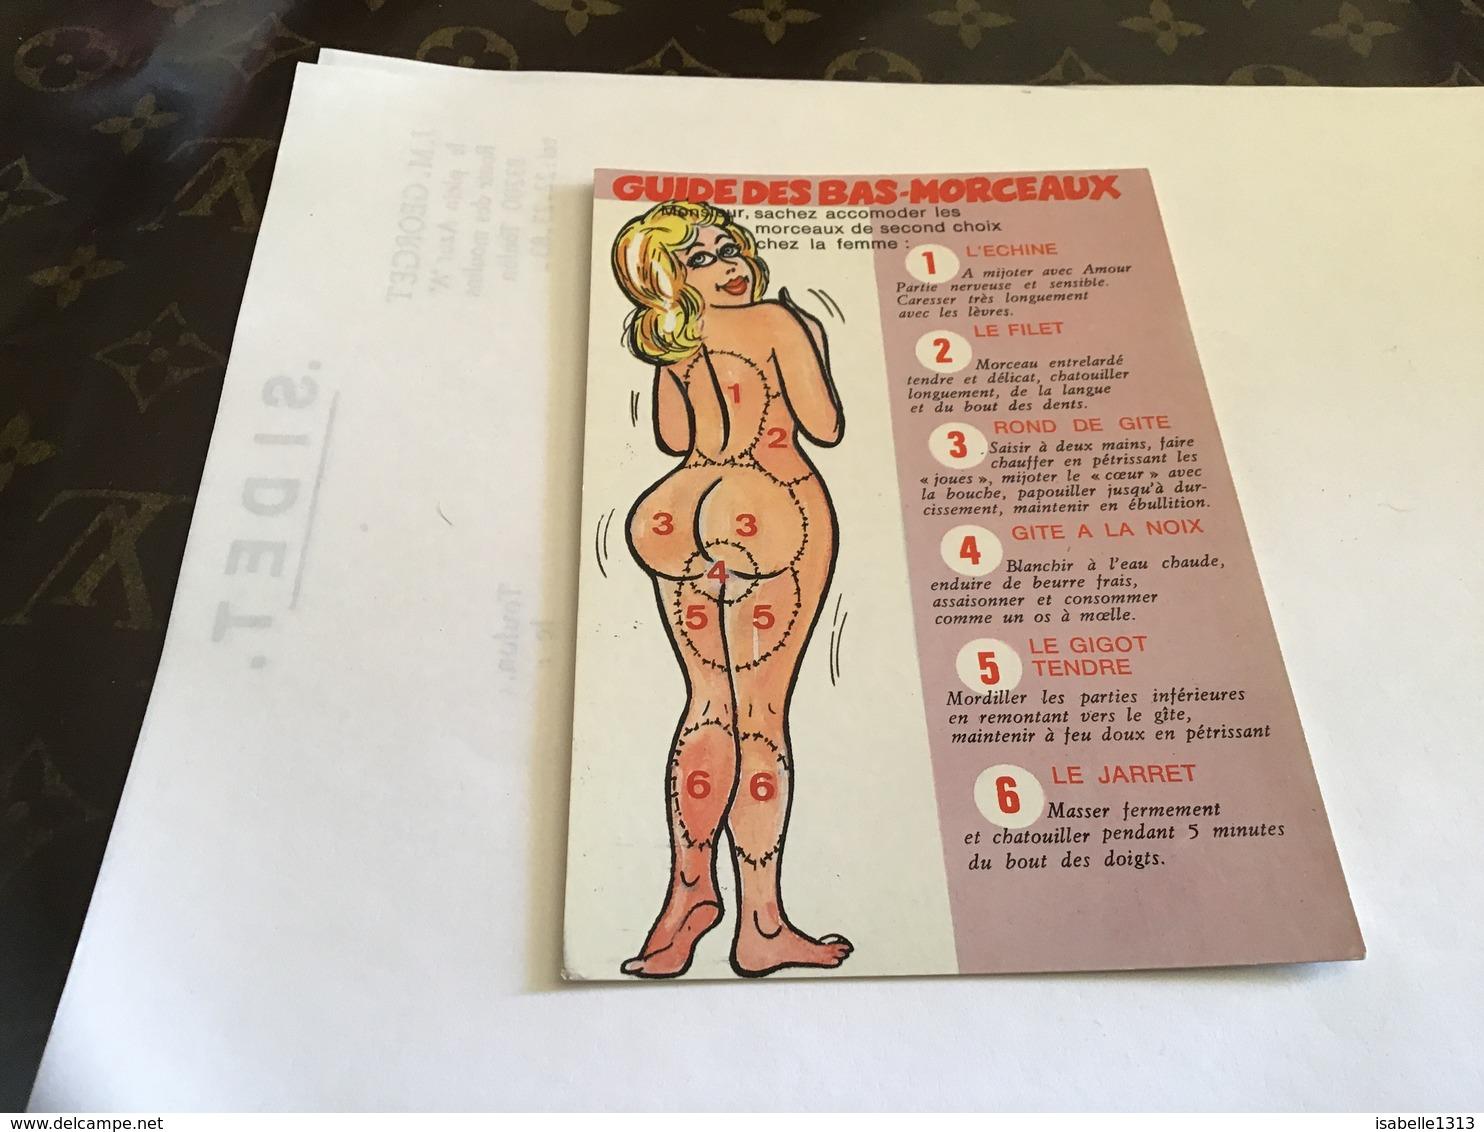 Carte Humoristique Humour Guide Des Bains Morceau Femmes Nues Monsieur Sachez Accorder Les Morceaux De Second Choix Chez - Humour